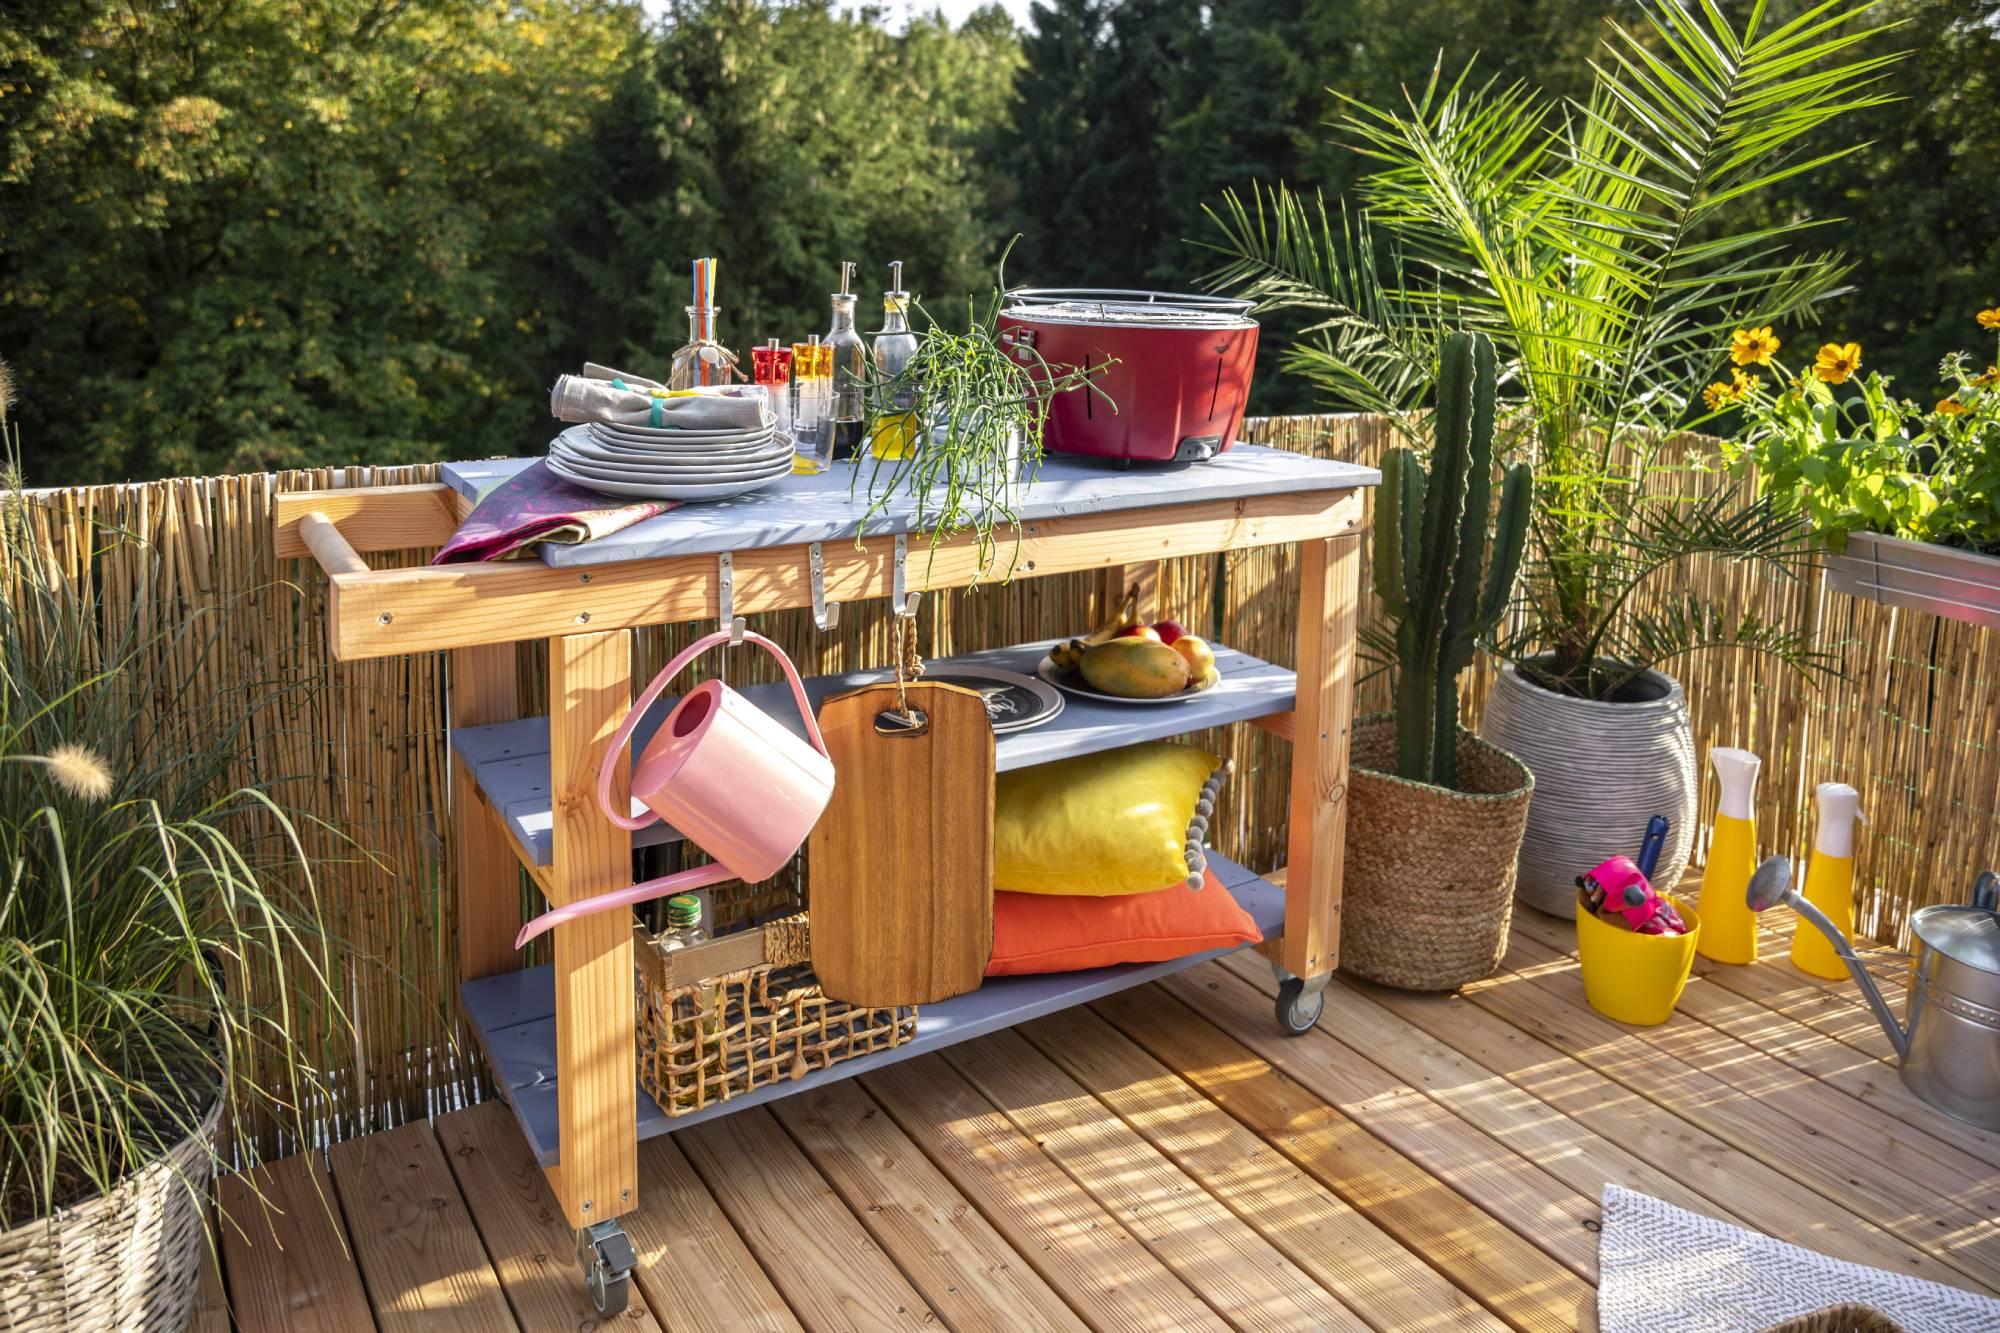 Full Size of Outdoor Kche Aus Holz Bauen Tipps Zur Planung Obi Mobile Küche Wohnzimmer Mobile Outdoorküche